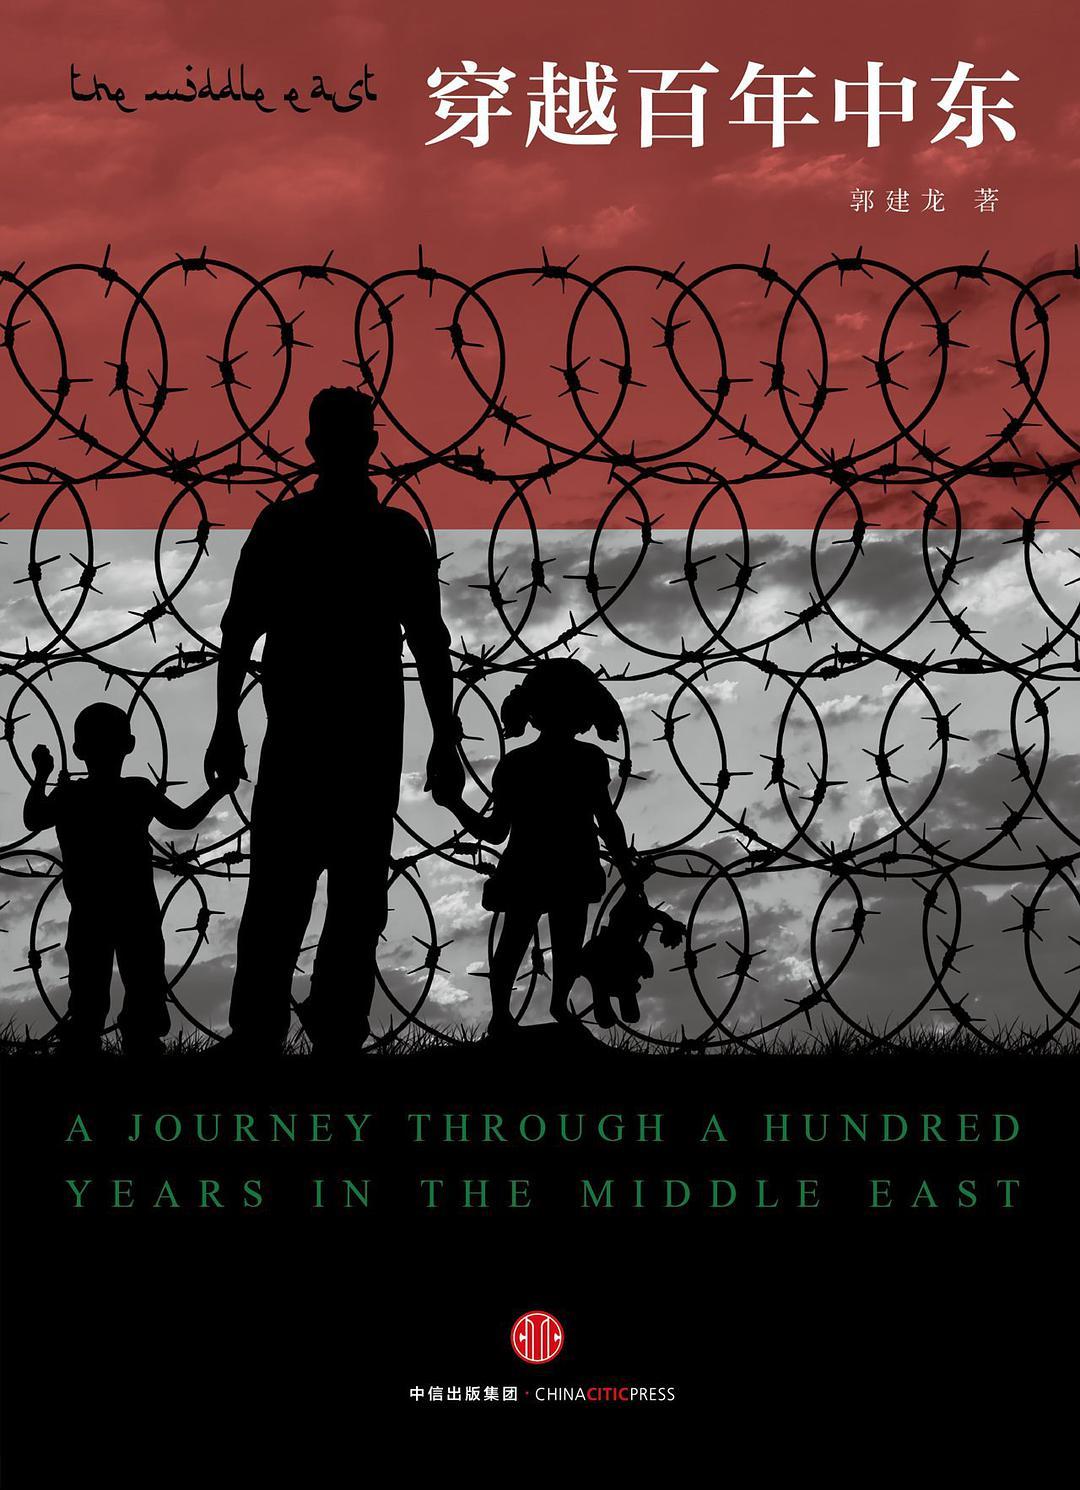 穿越百年中东